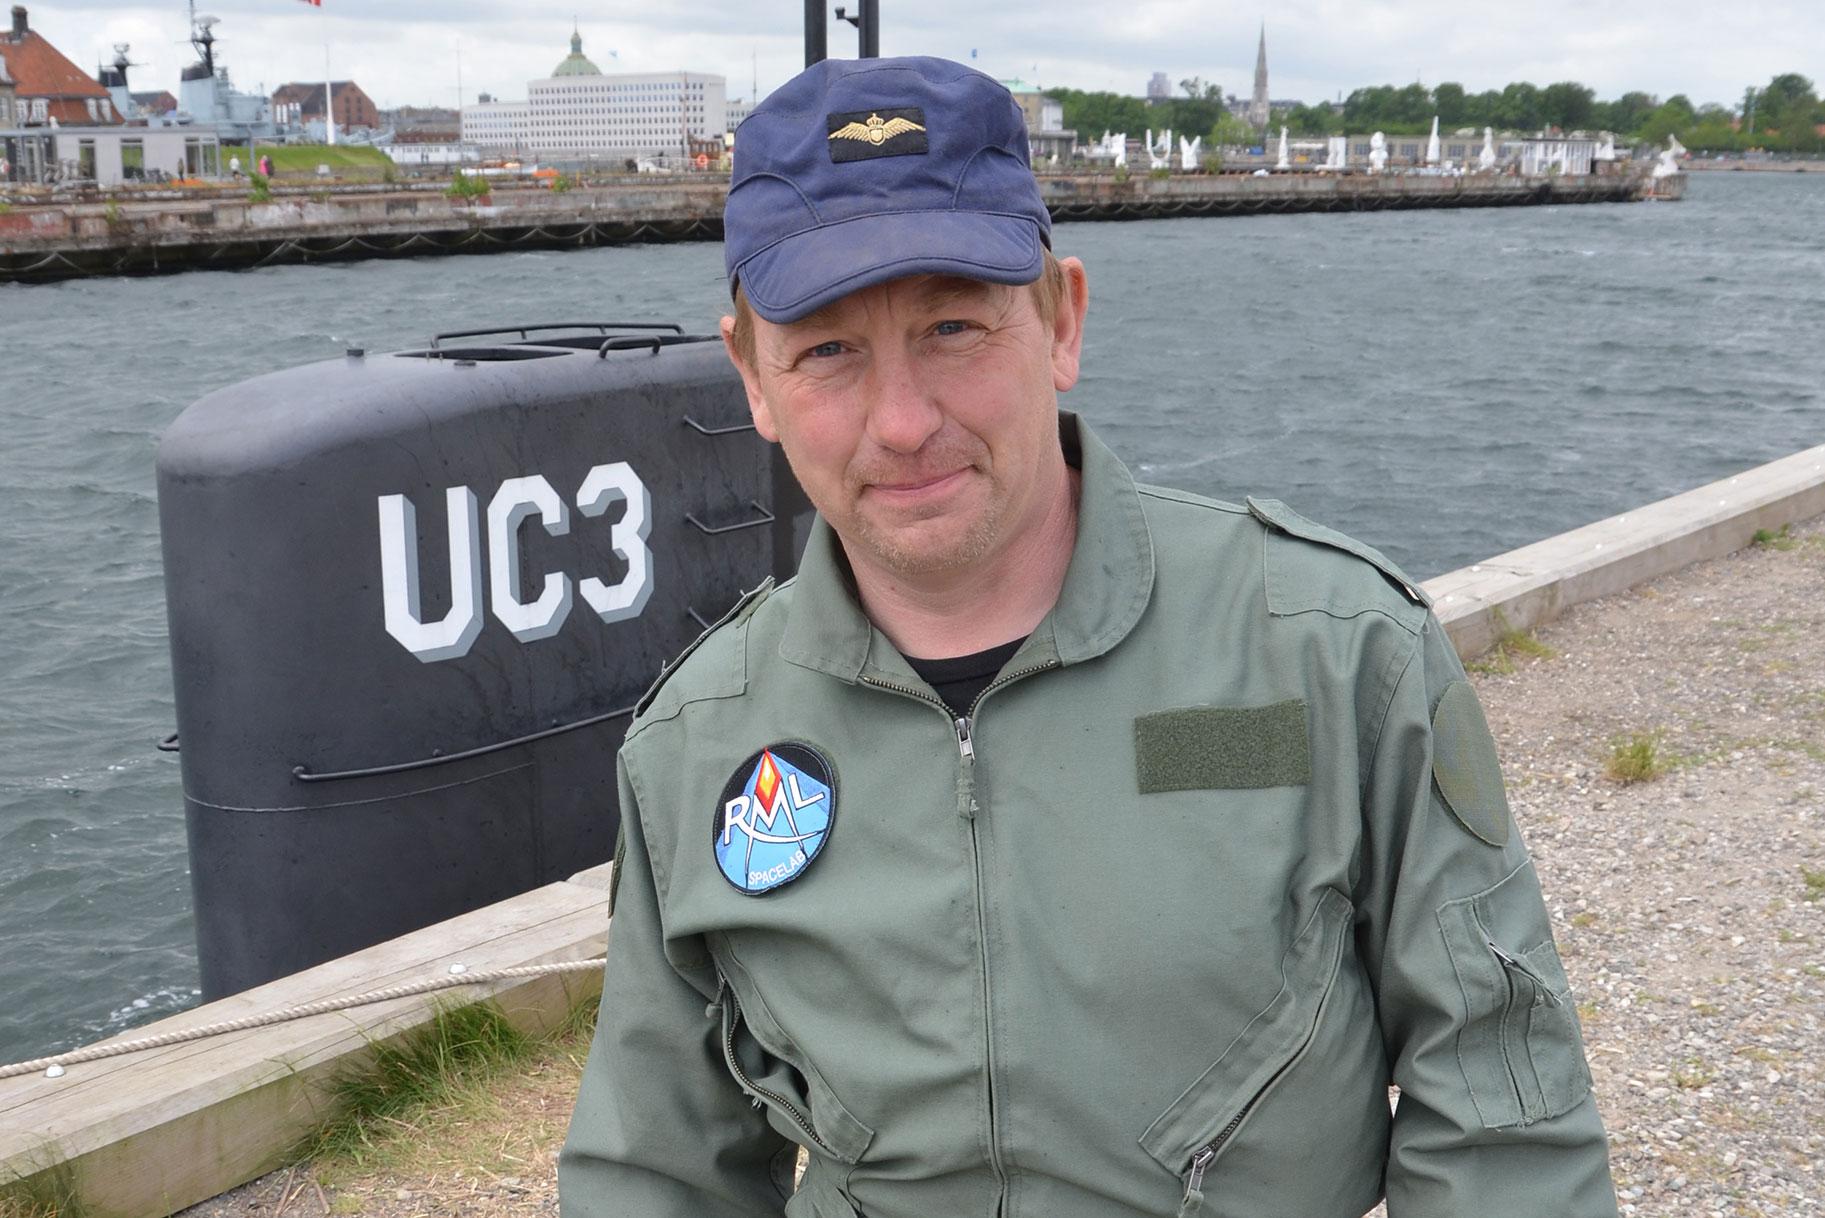 פיטר מדסן, שהרג את העיתונאית קים וול על ספינה צוללת תוצרת בית, נידונה להפסקת כלא.